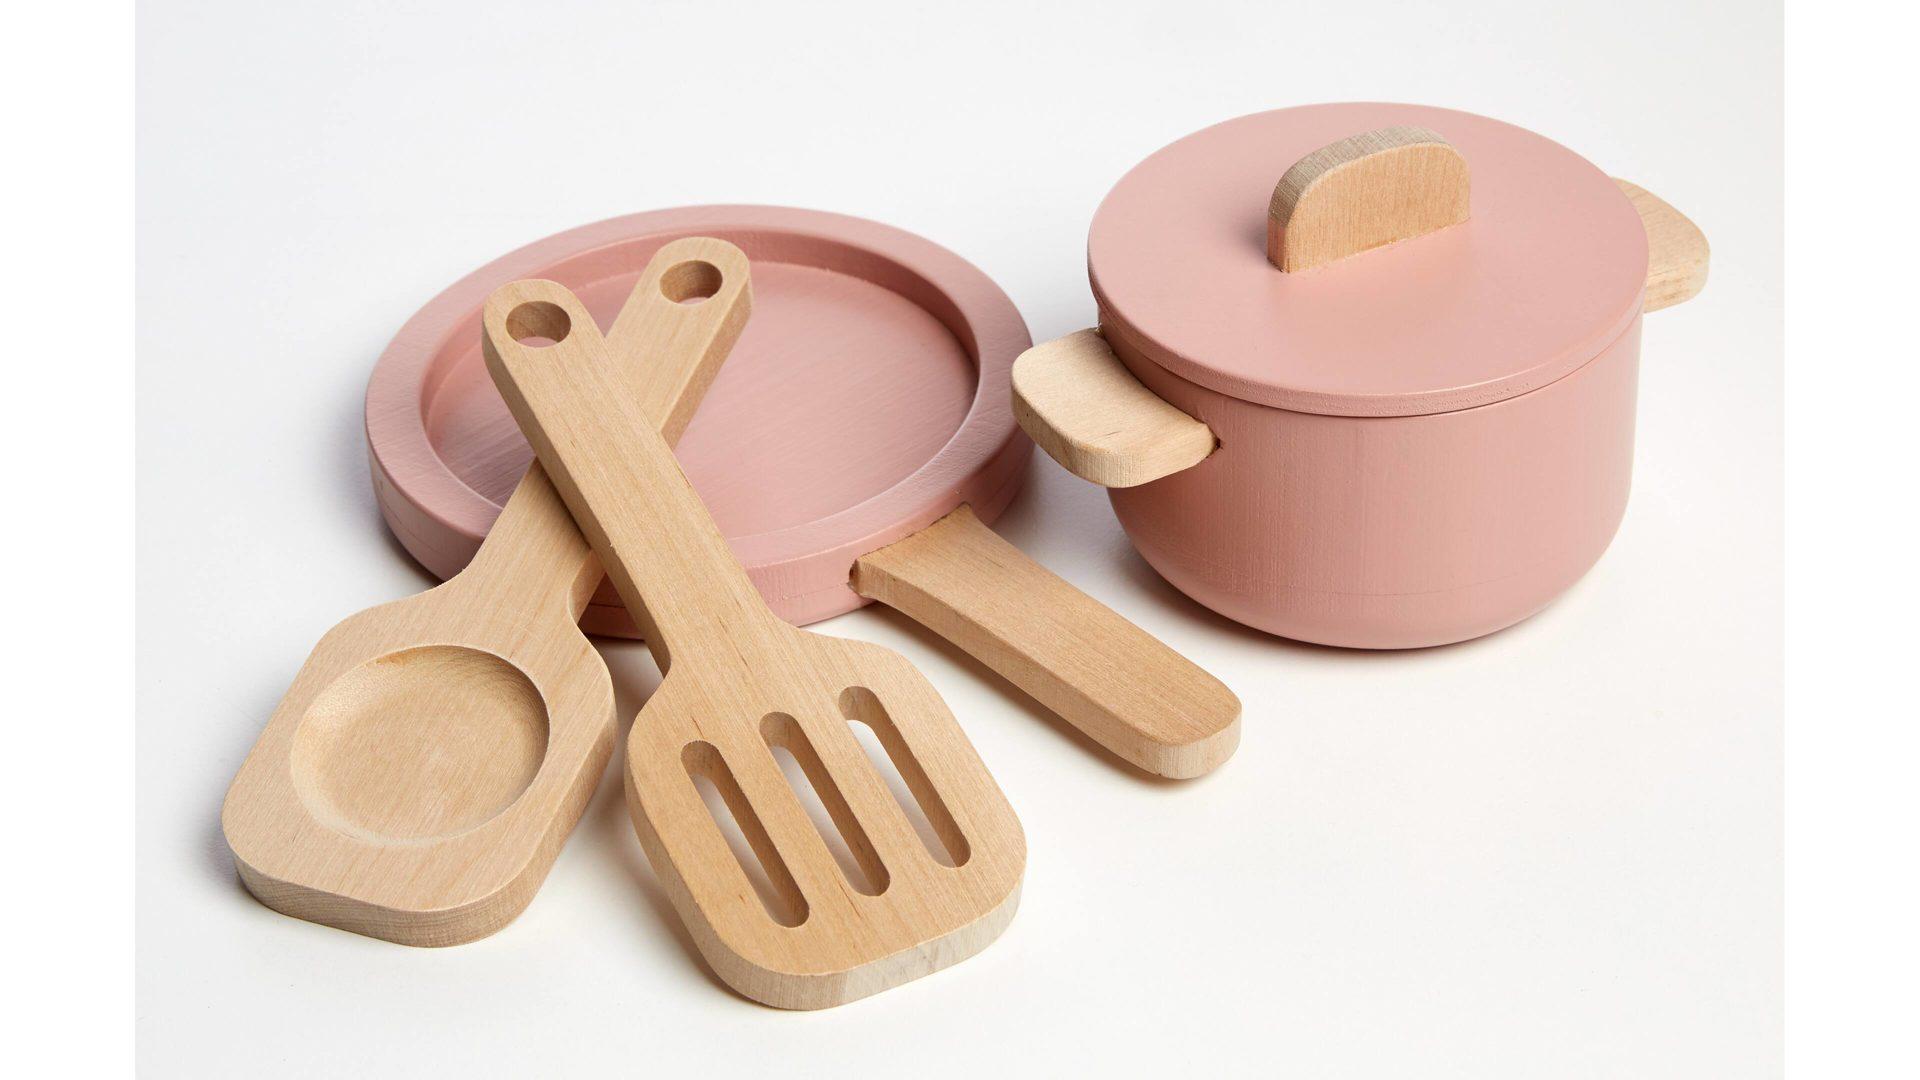 FLEXA Kinder-Küche Kochgeschirr, dunkelrosa Lackoberflächen & Birkenholz –  fünfteilig